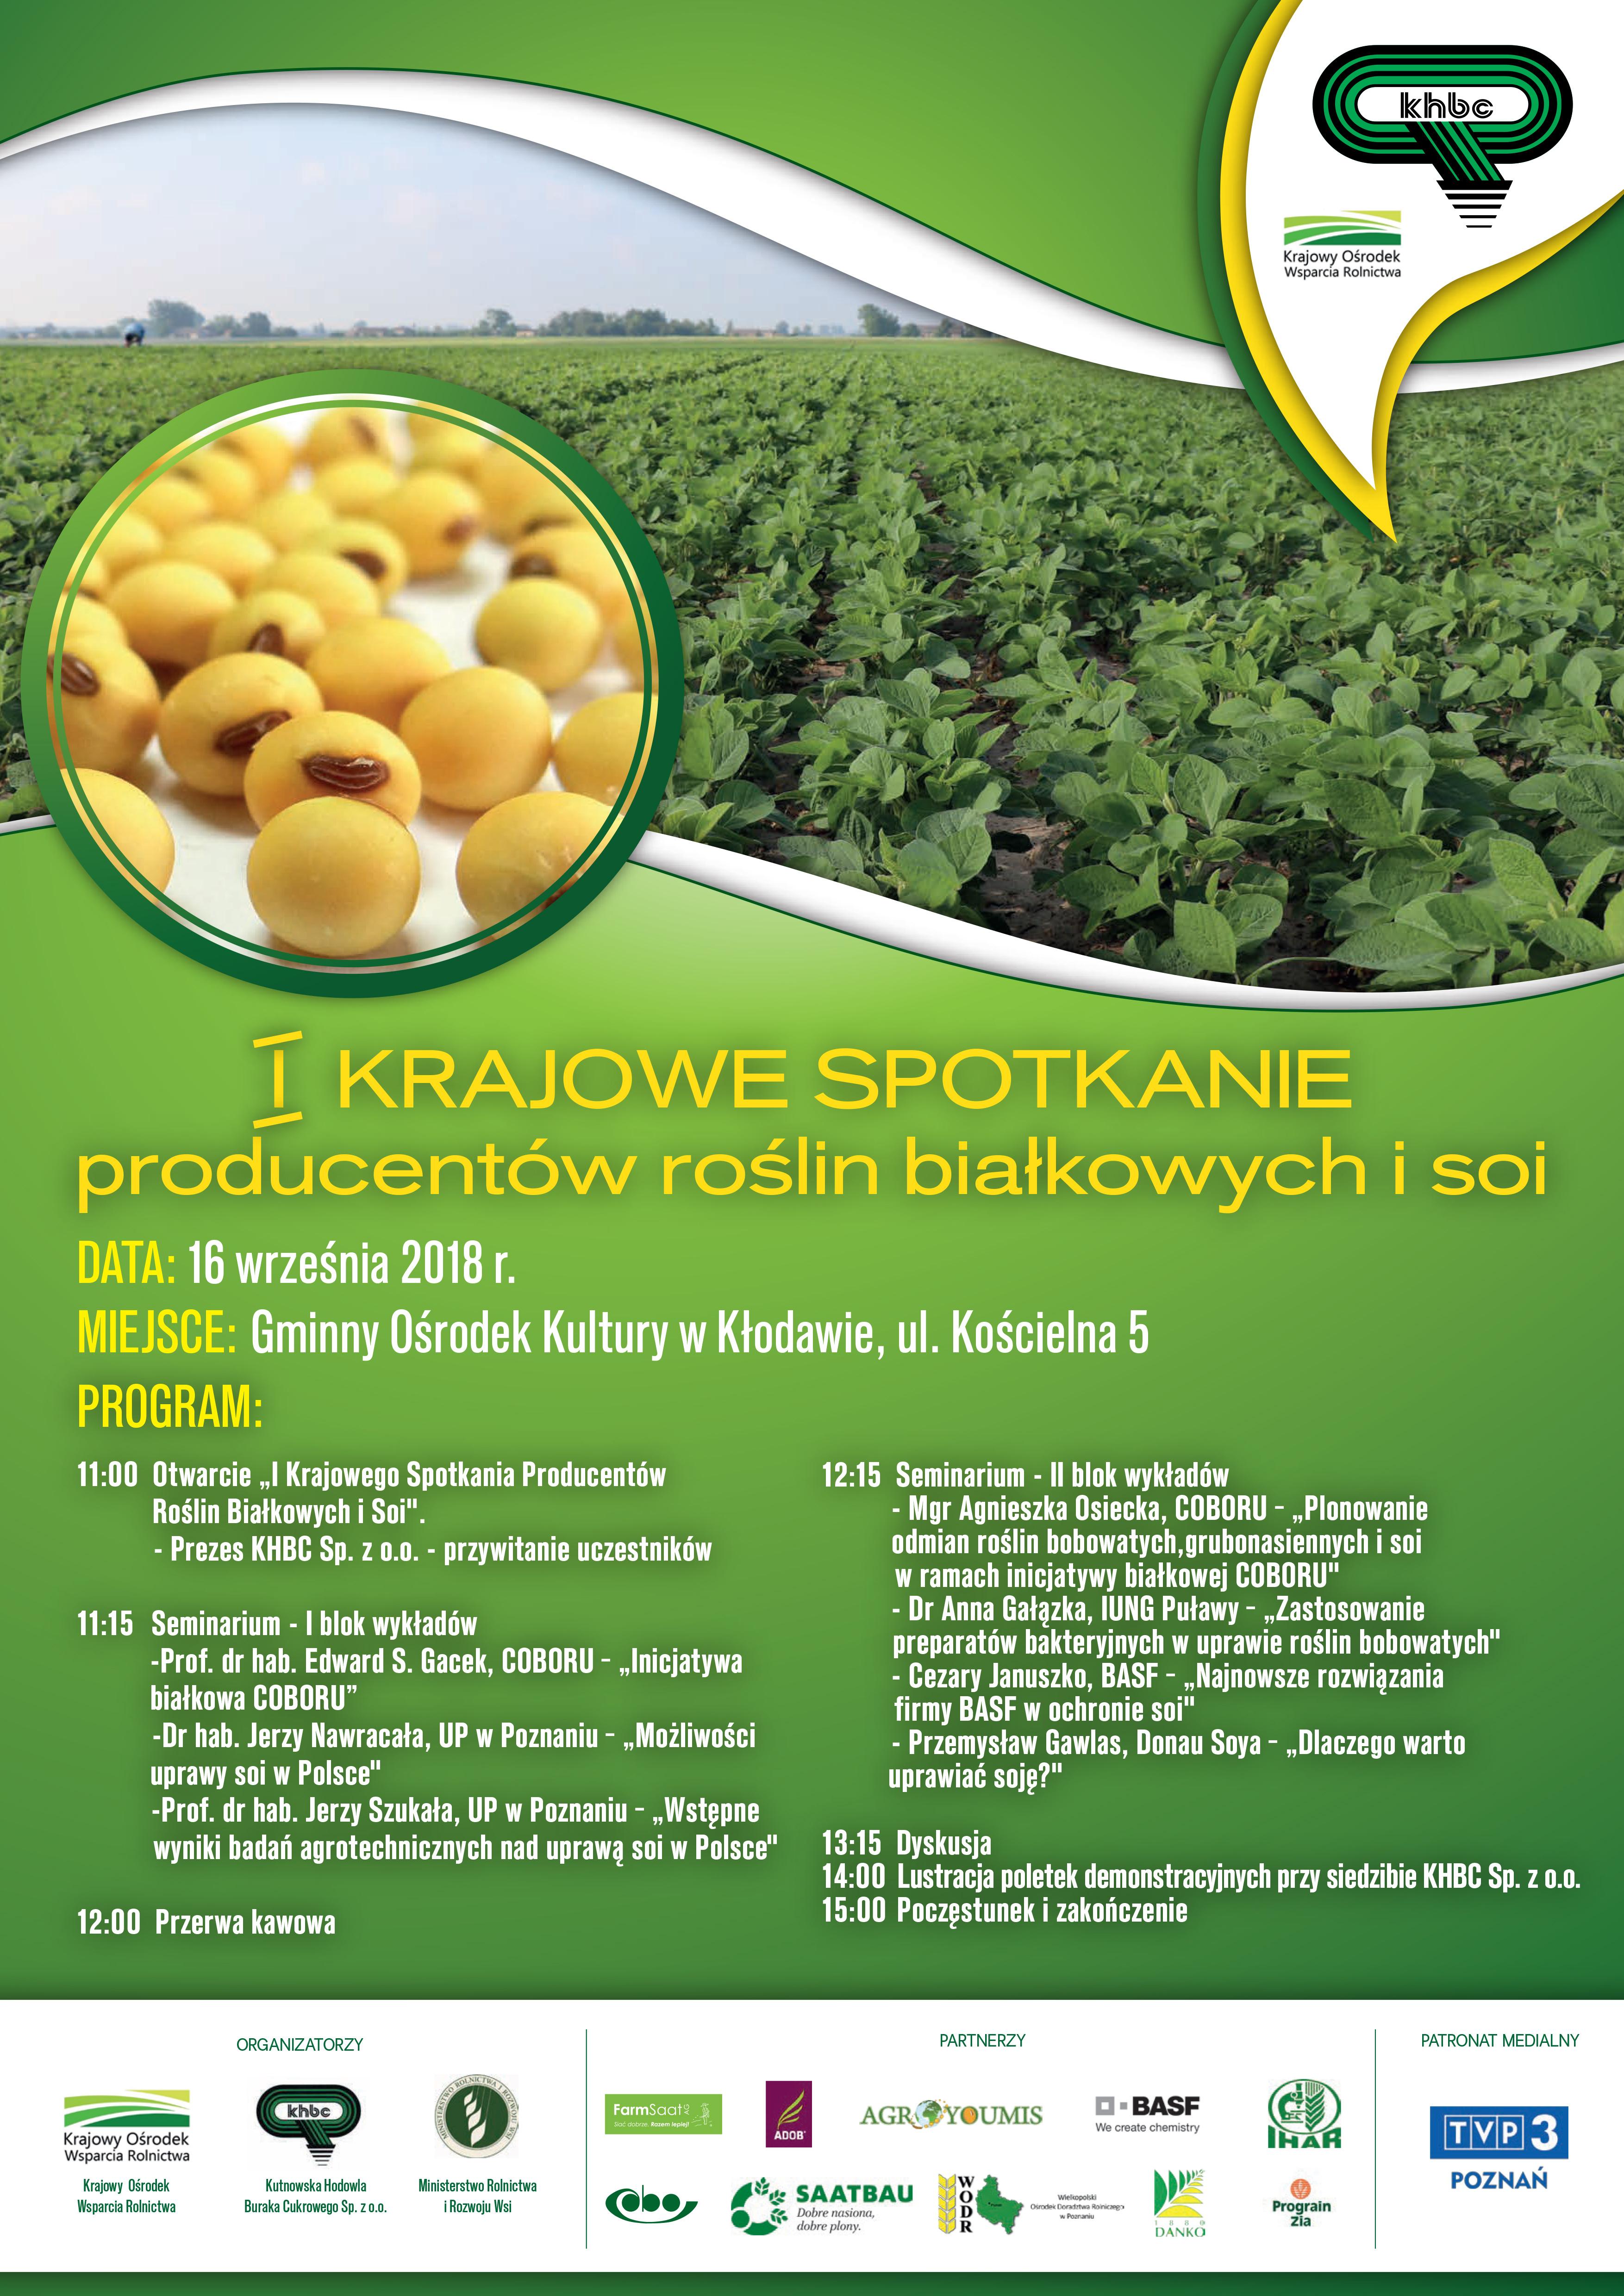 I Krajowe Spotkanie Producentów Roślin Białkowych i Soi